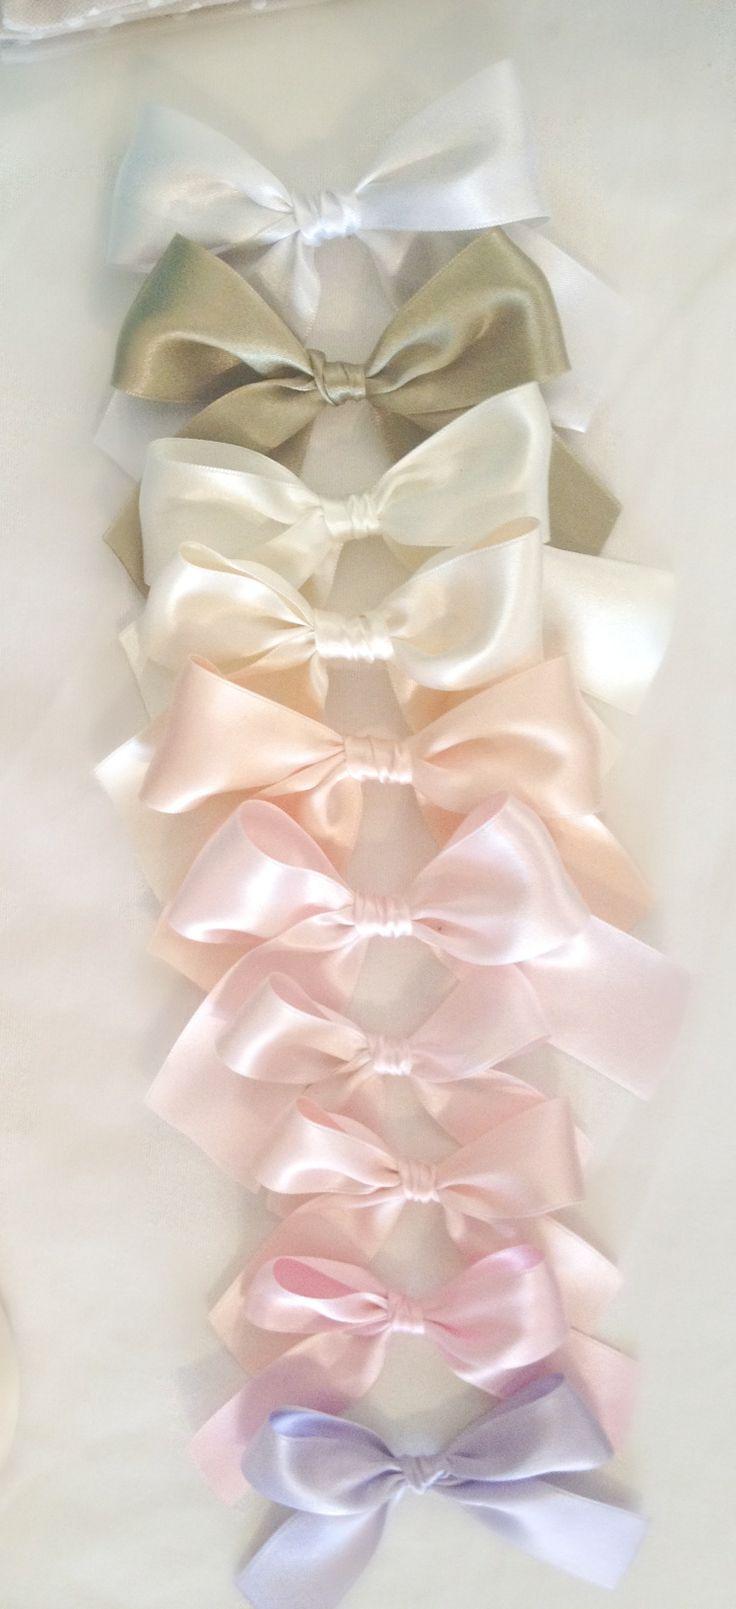 ιδεες για κορδέλες φιόγκοι σε χρώματα pastel! love it!!